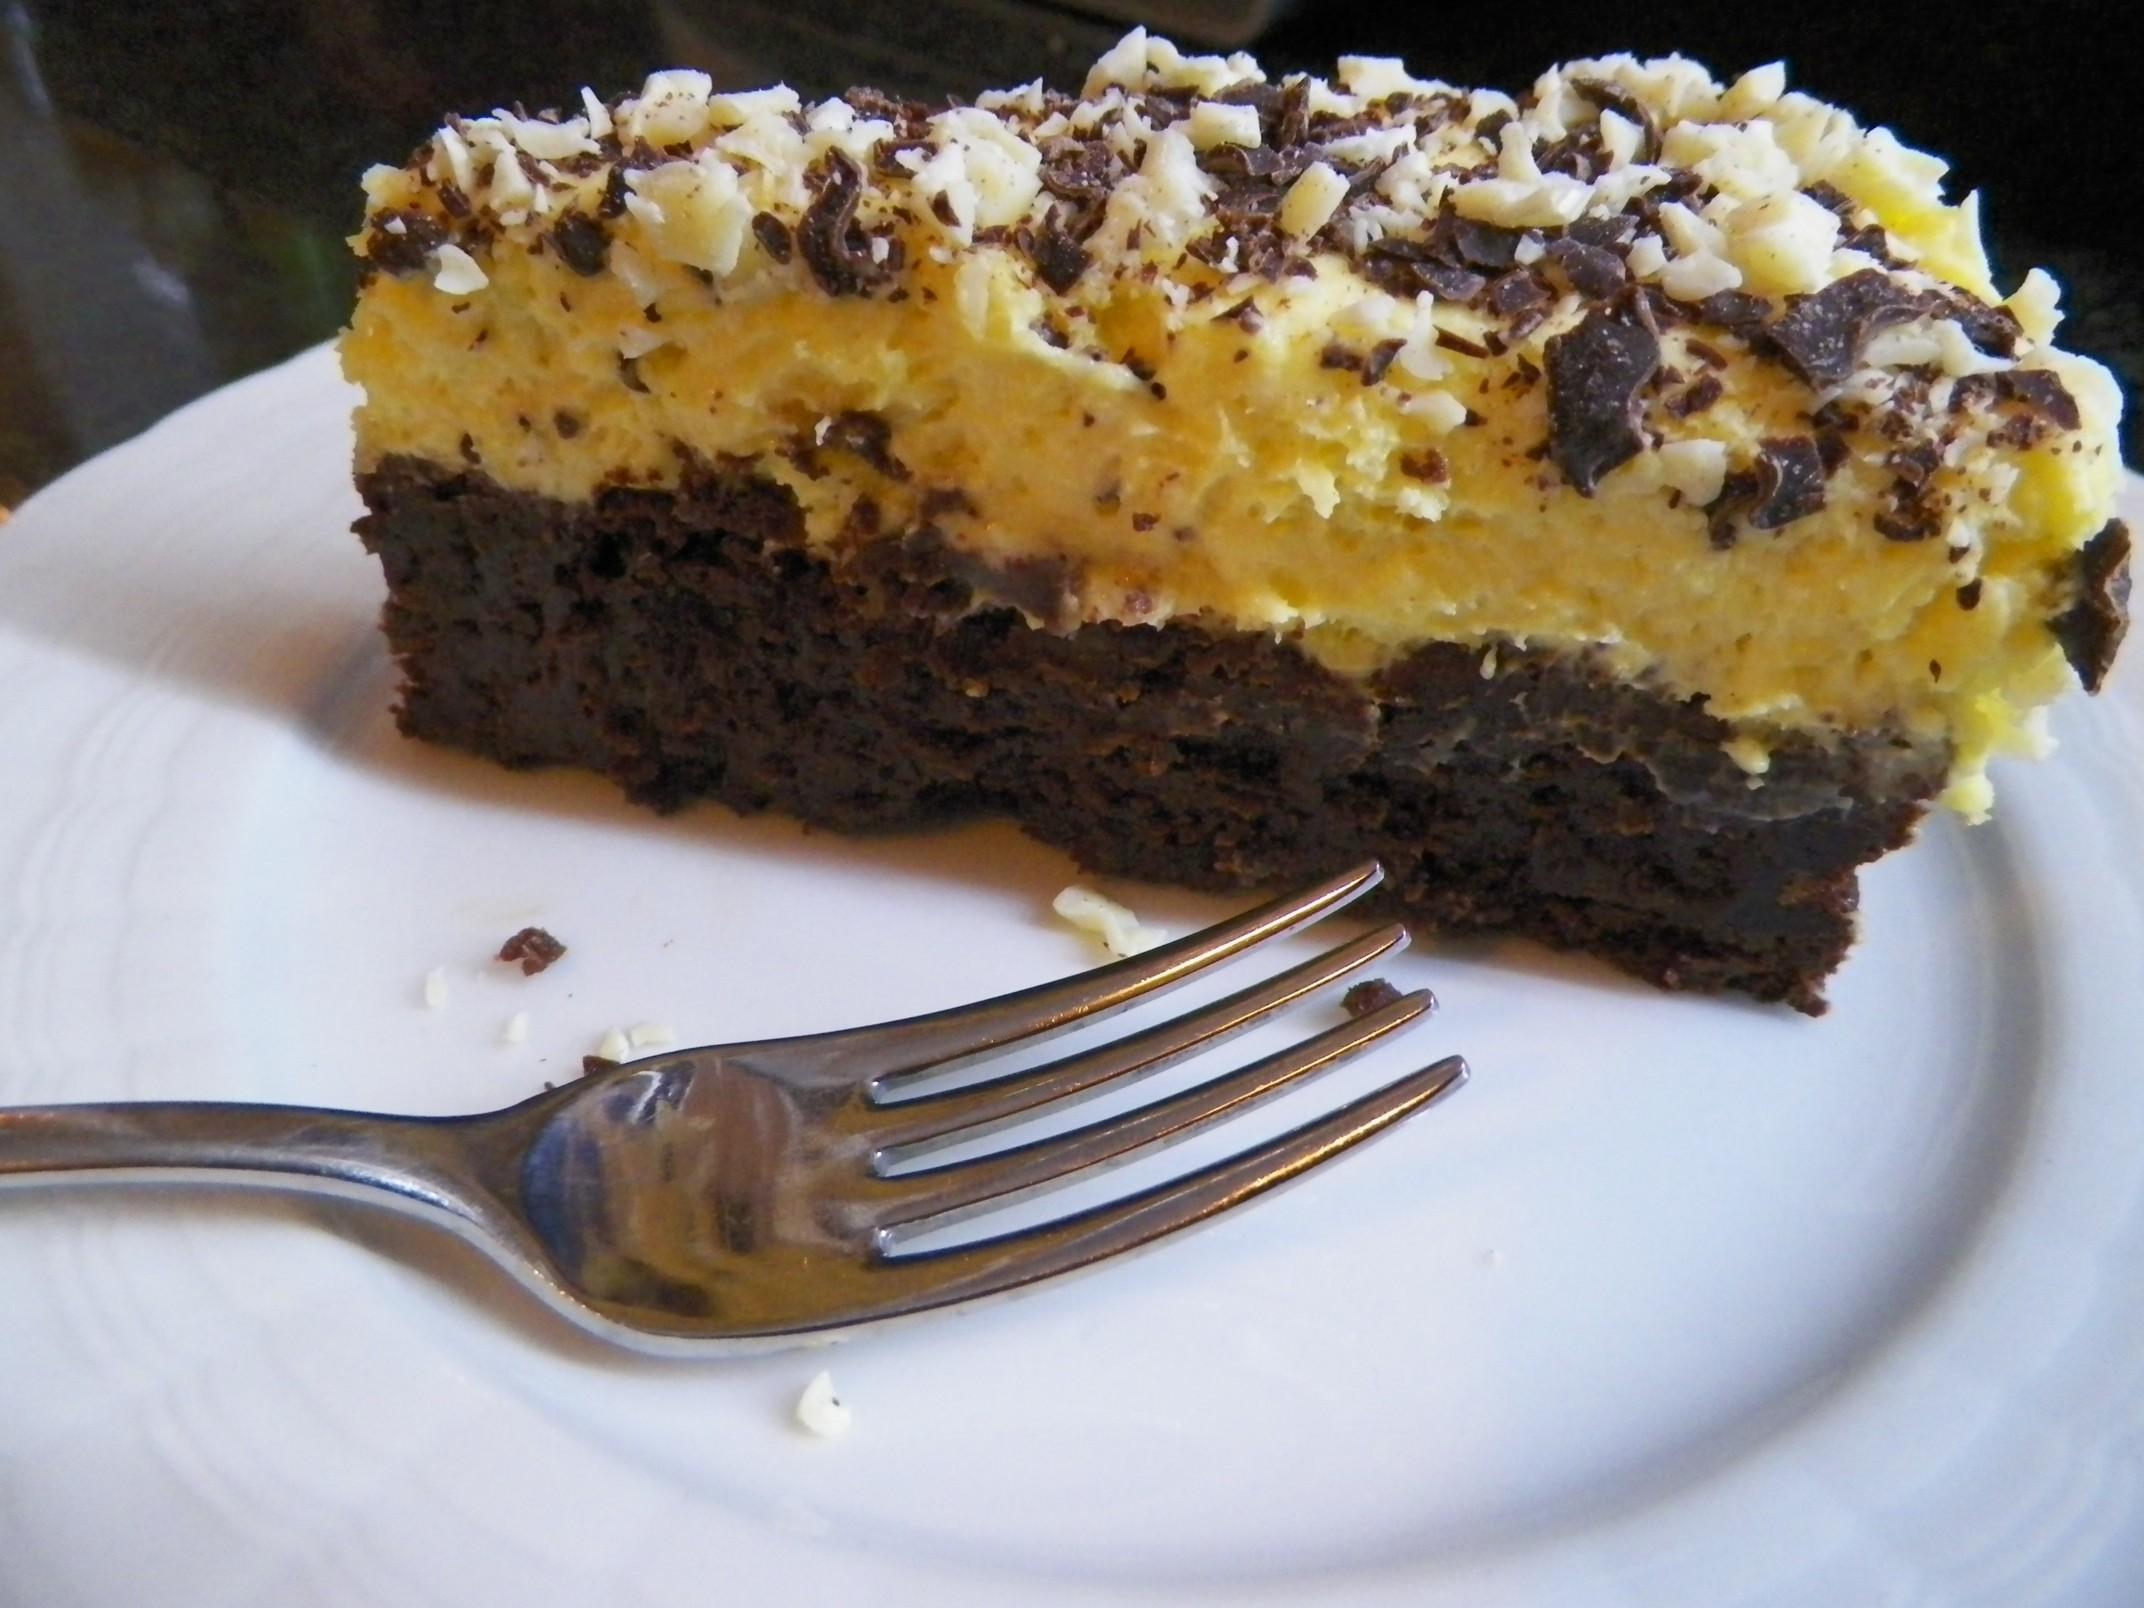 Cioccomarquise le ricette di mamma l for Nuove ricette dolci